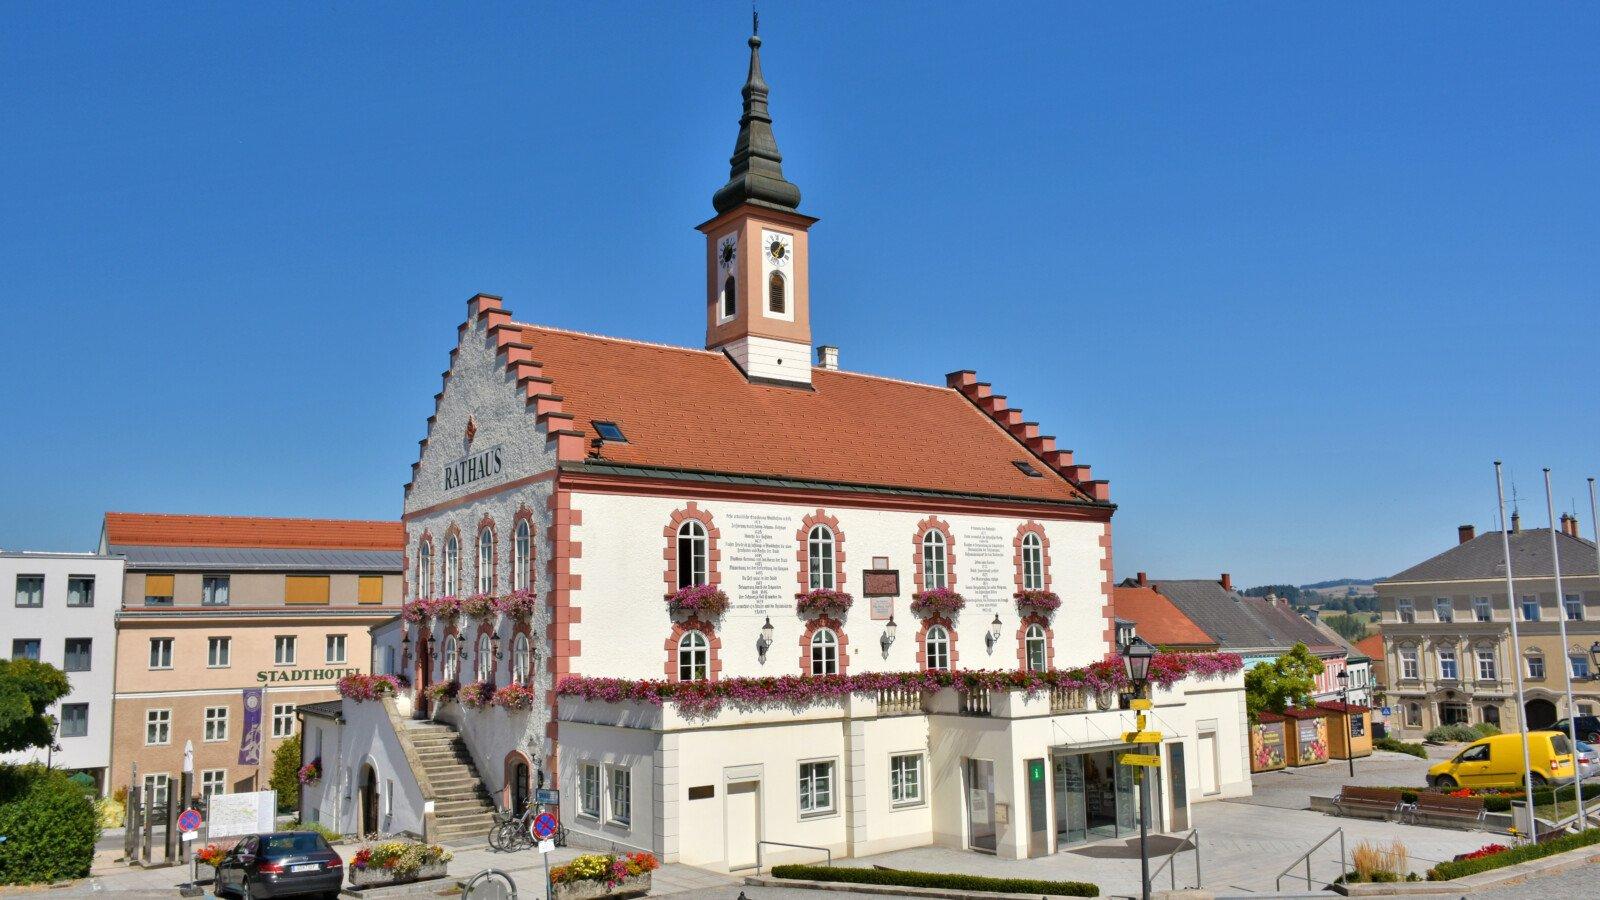 Reinigungsservice in Waidhofen a. d. Thaya